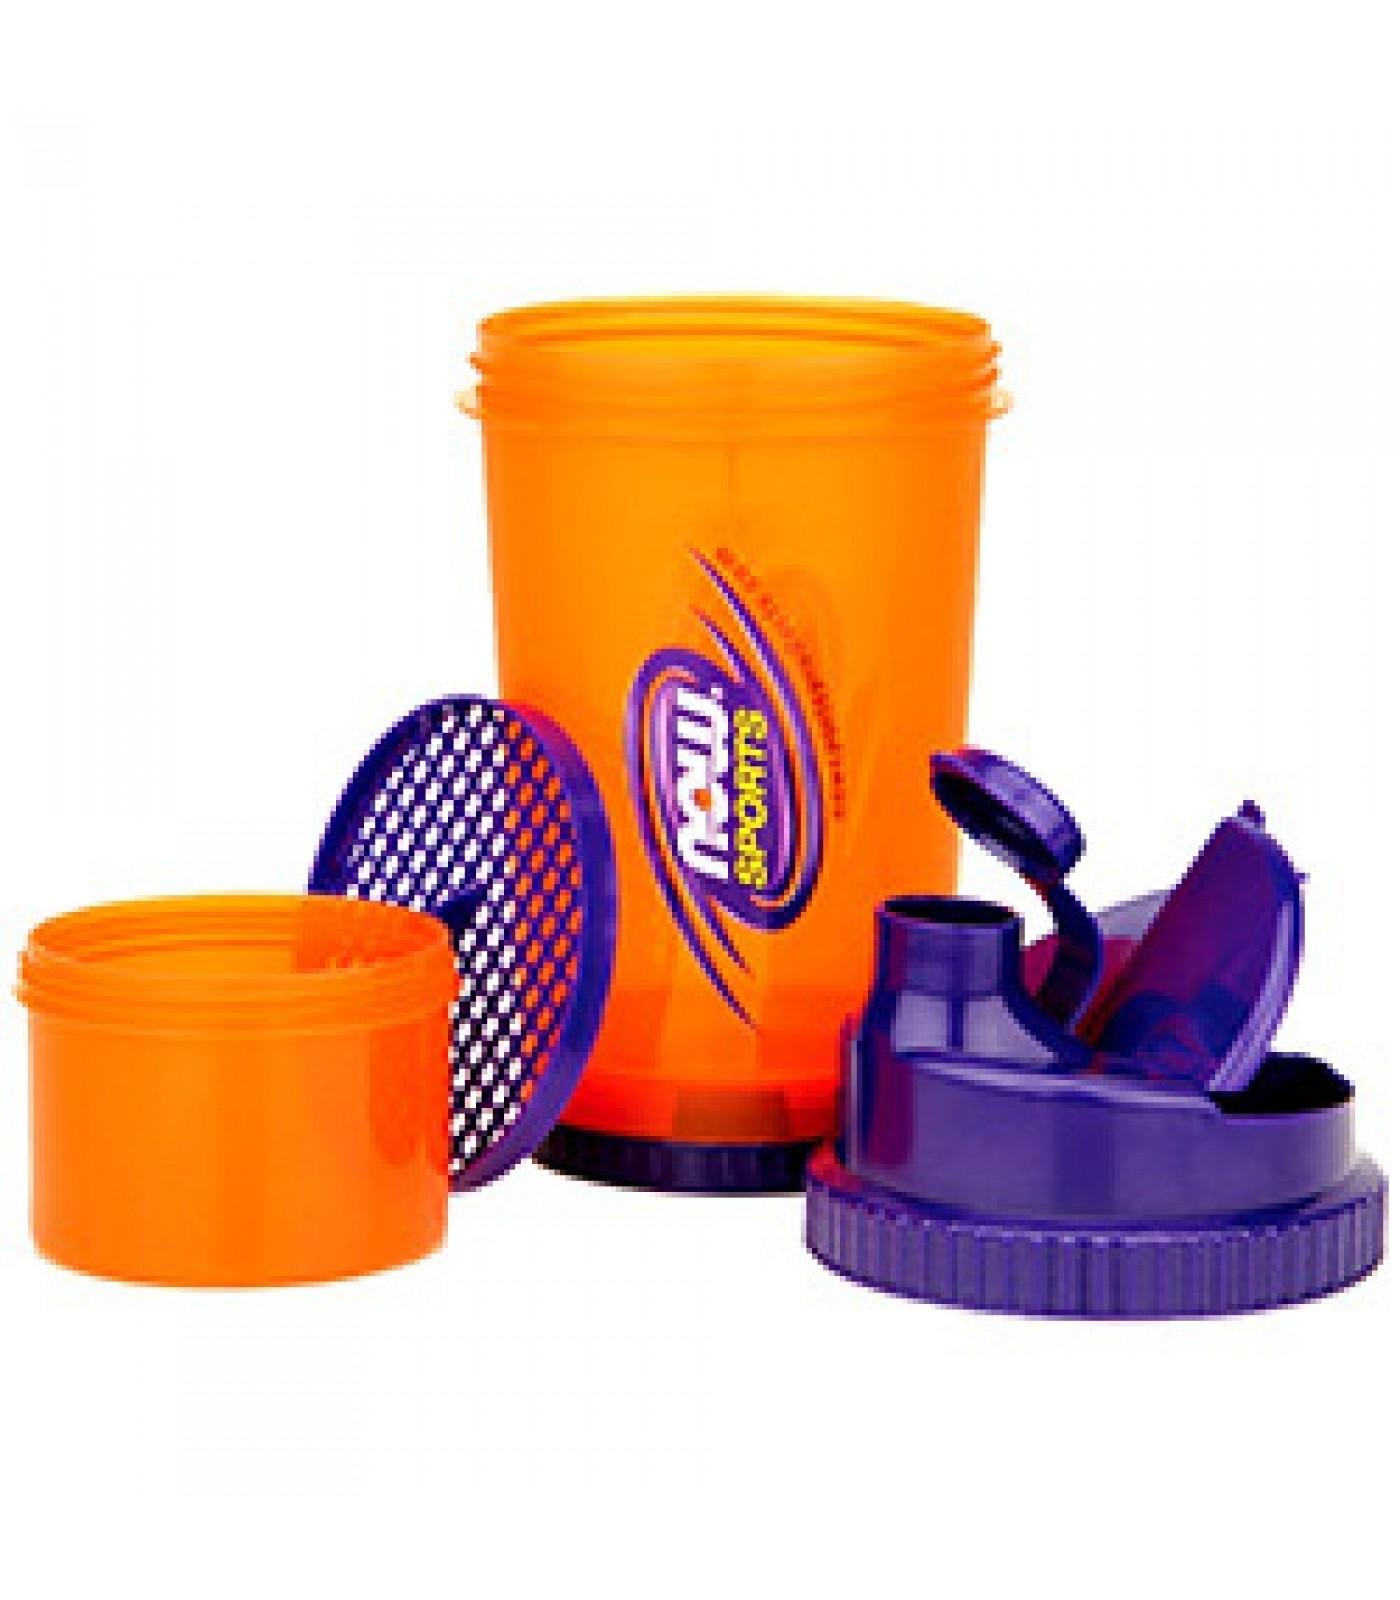 NOW - Premium Shaker